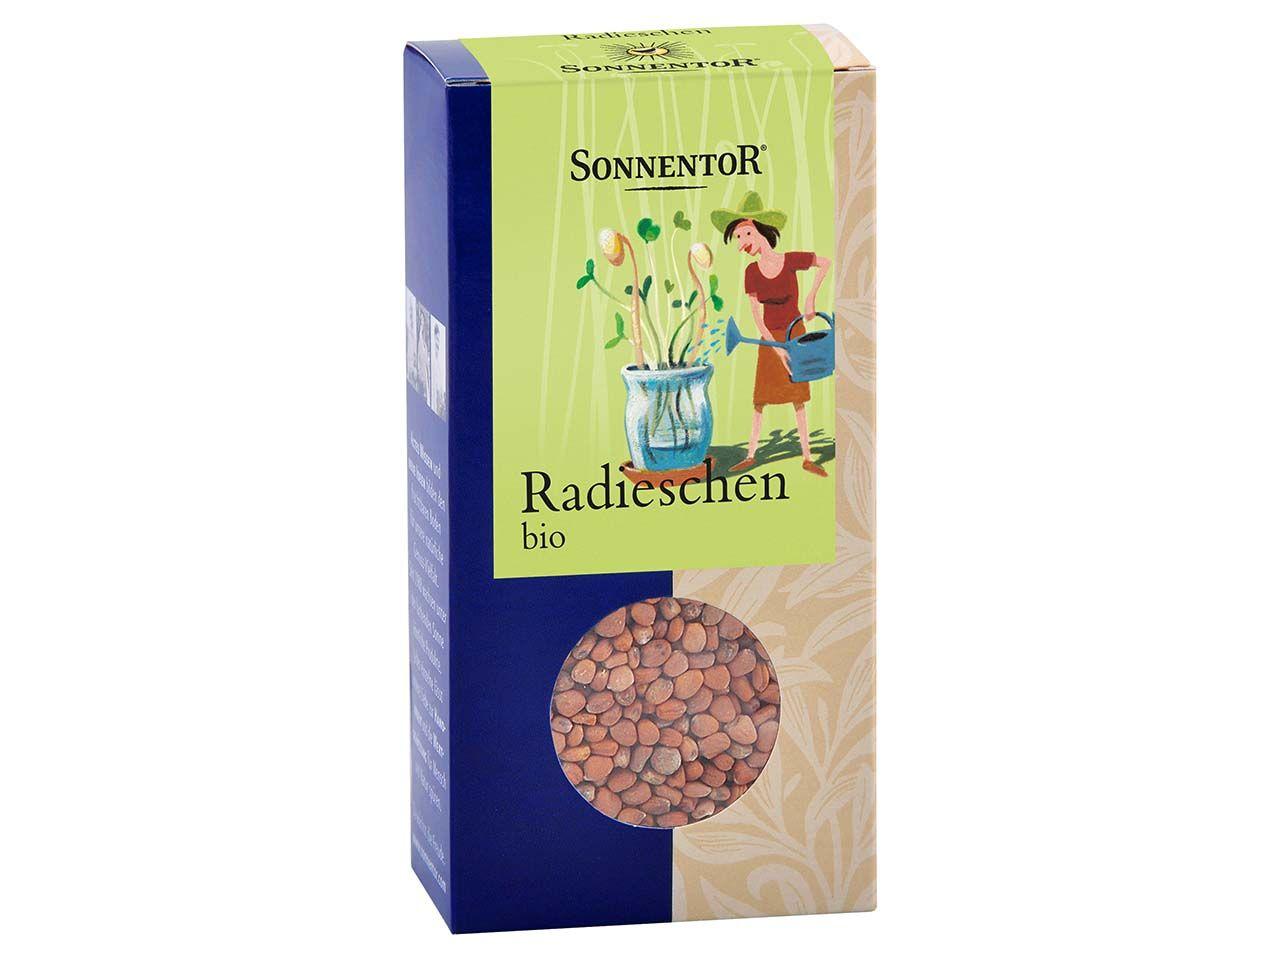 """Sonnentor Bio-Keimsaaten """"Radieschen"""", 120 g 00110"""